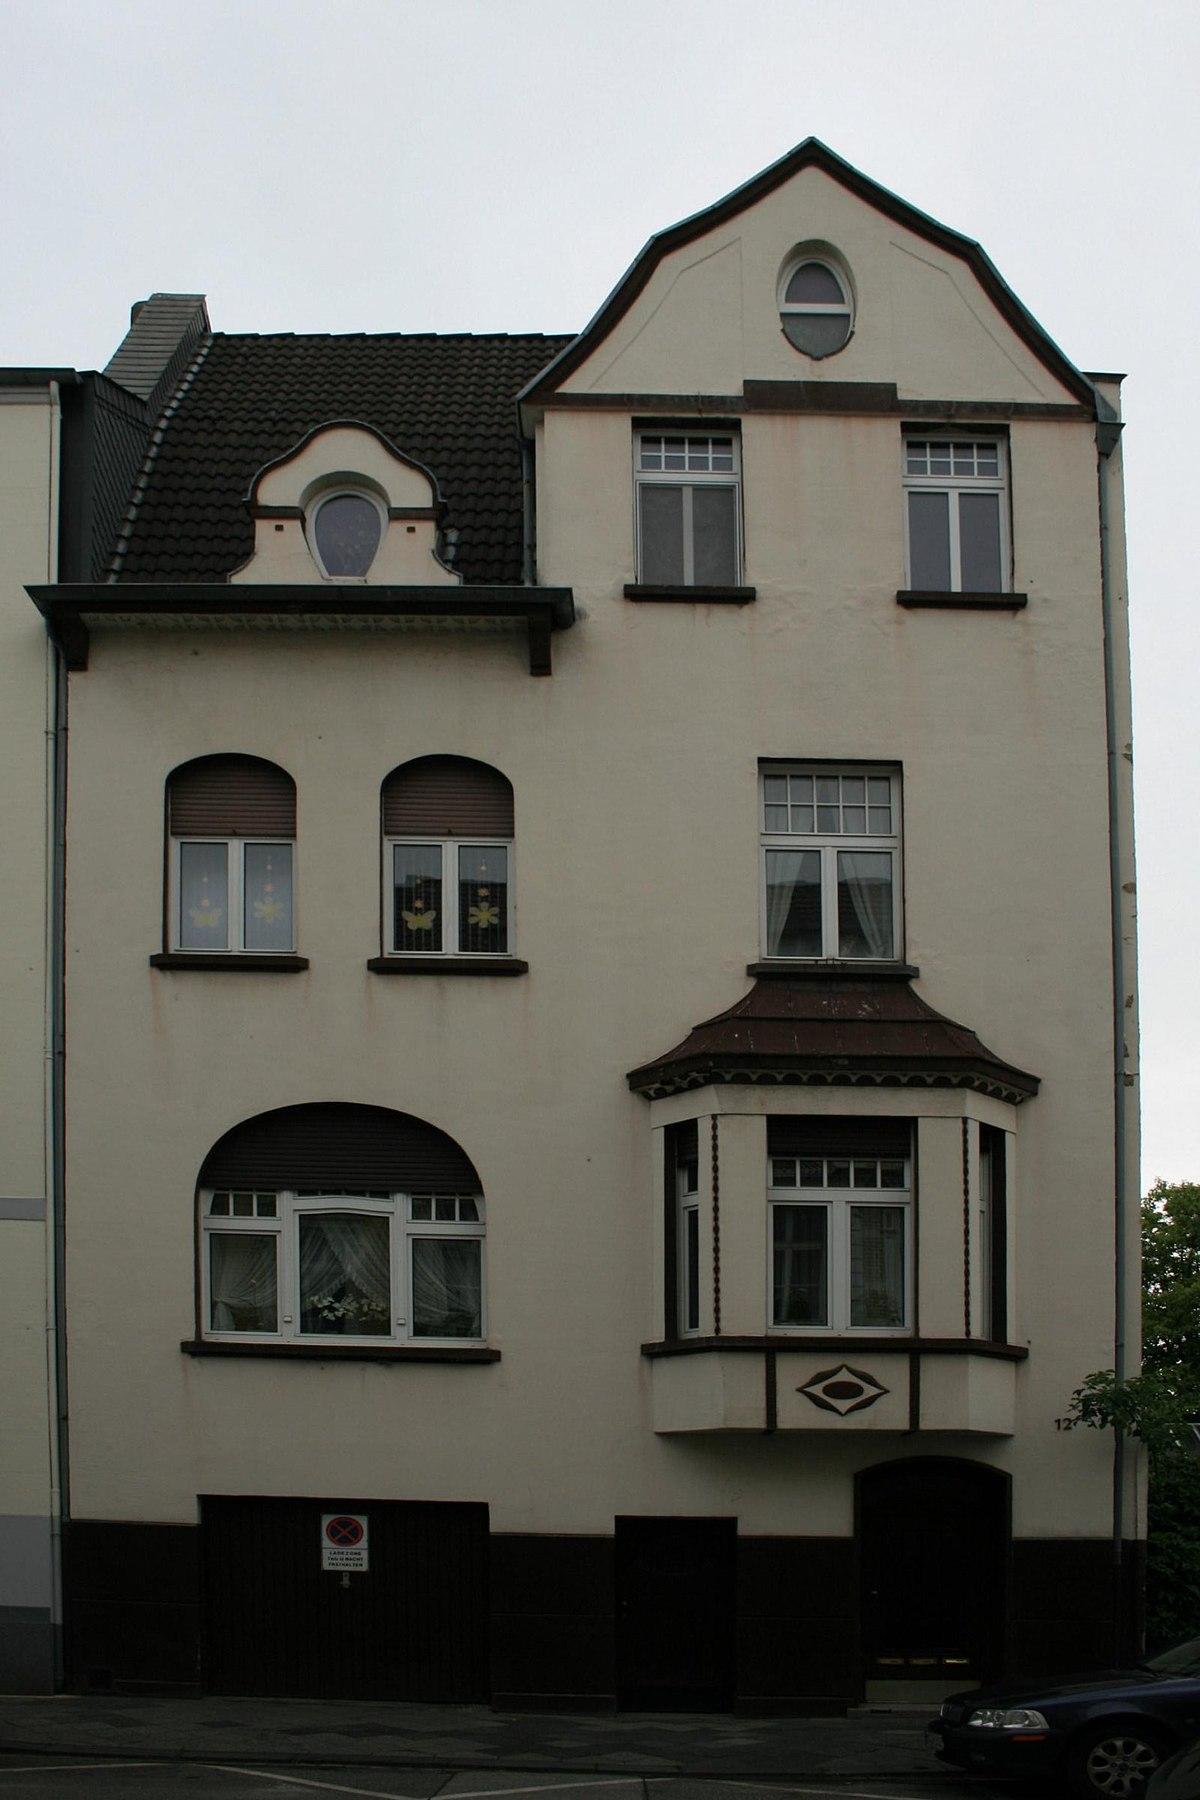 Fenster M Nchengladbach staufenstraße 12 mönchengladbach